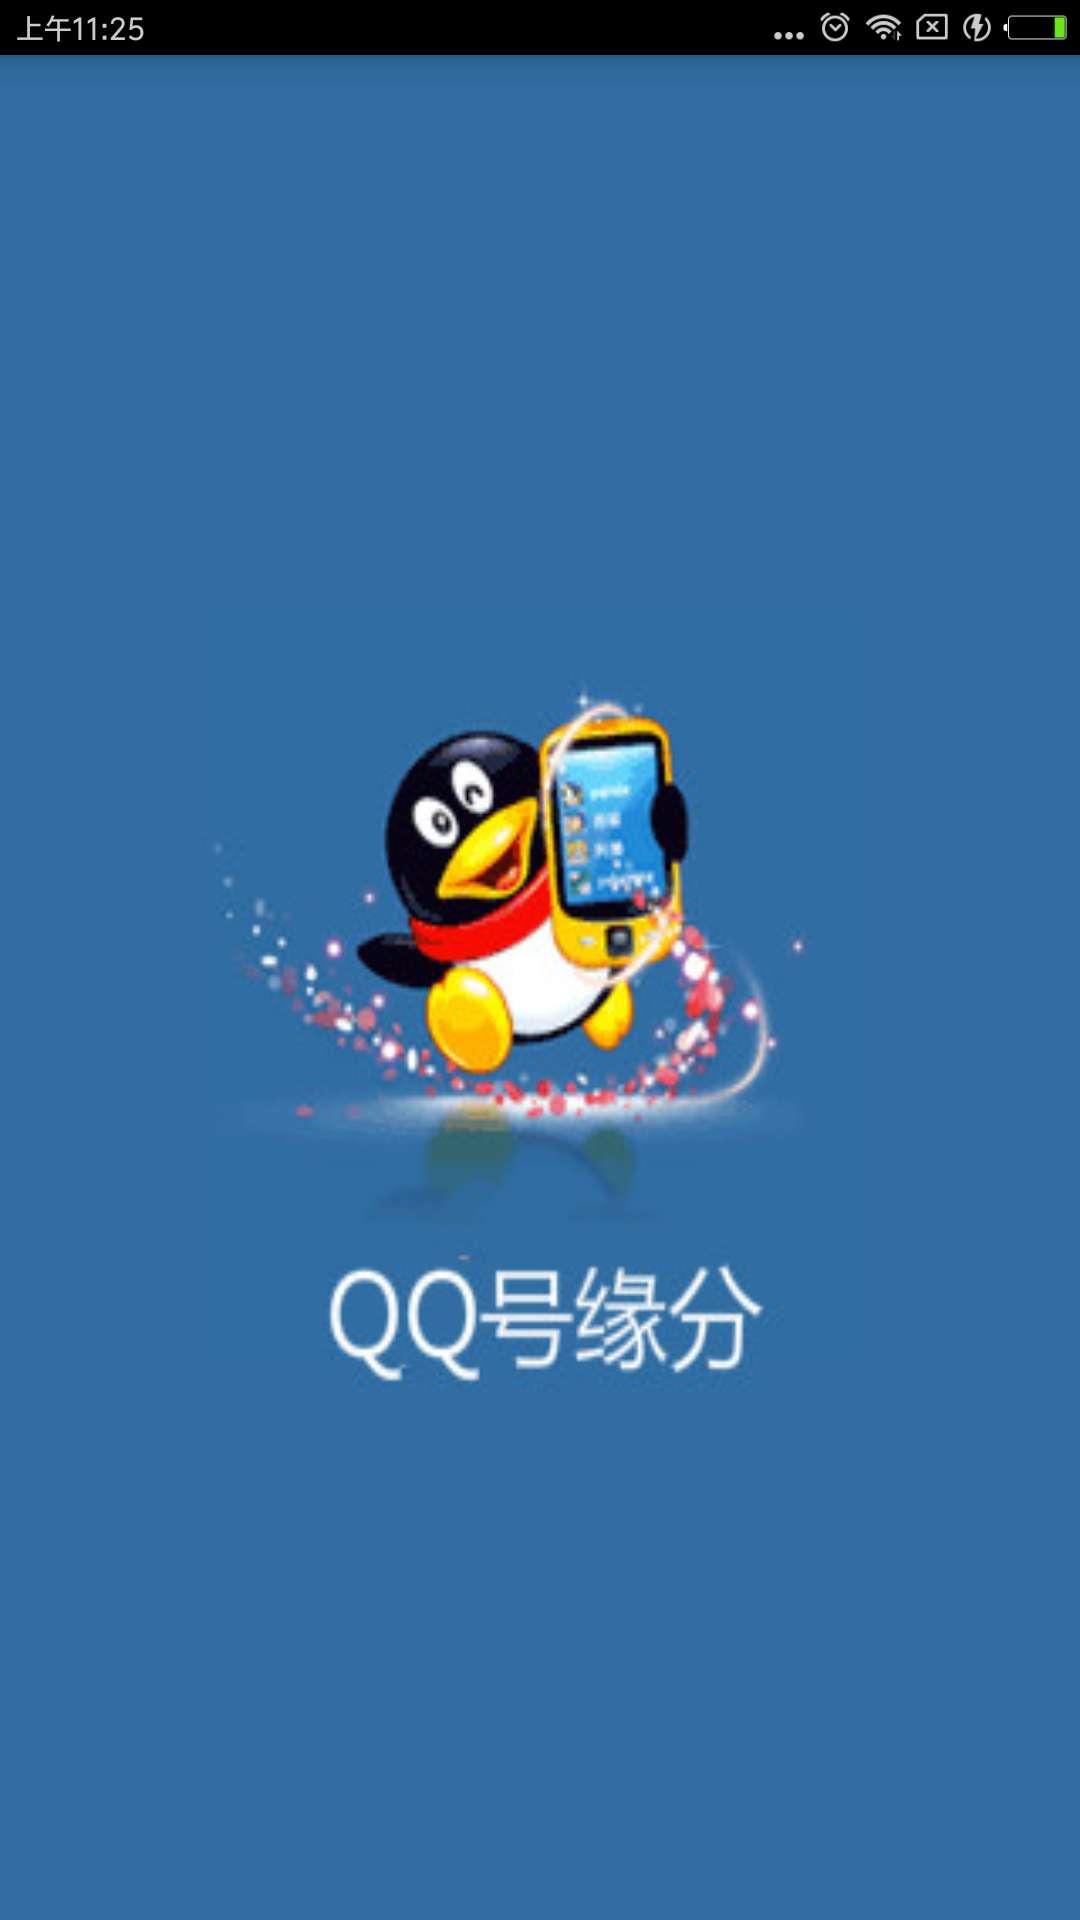 【软件分享】QQ号缘分评估器 V1.0 一键评估双方缘分